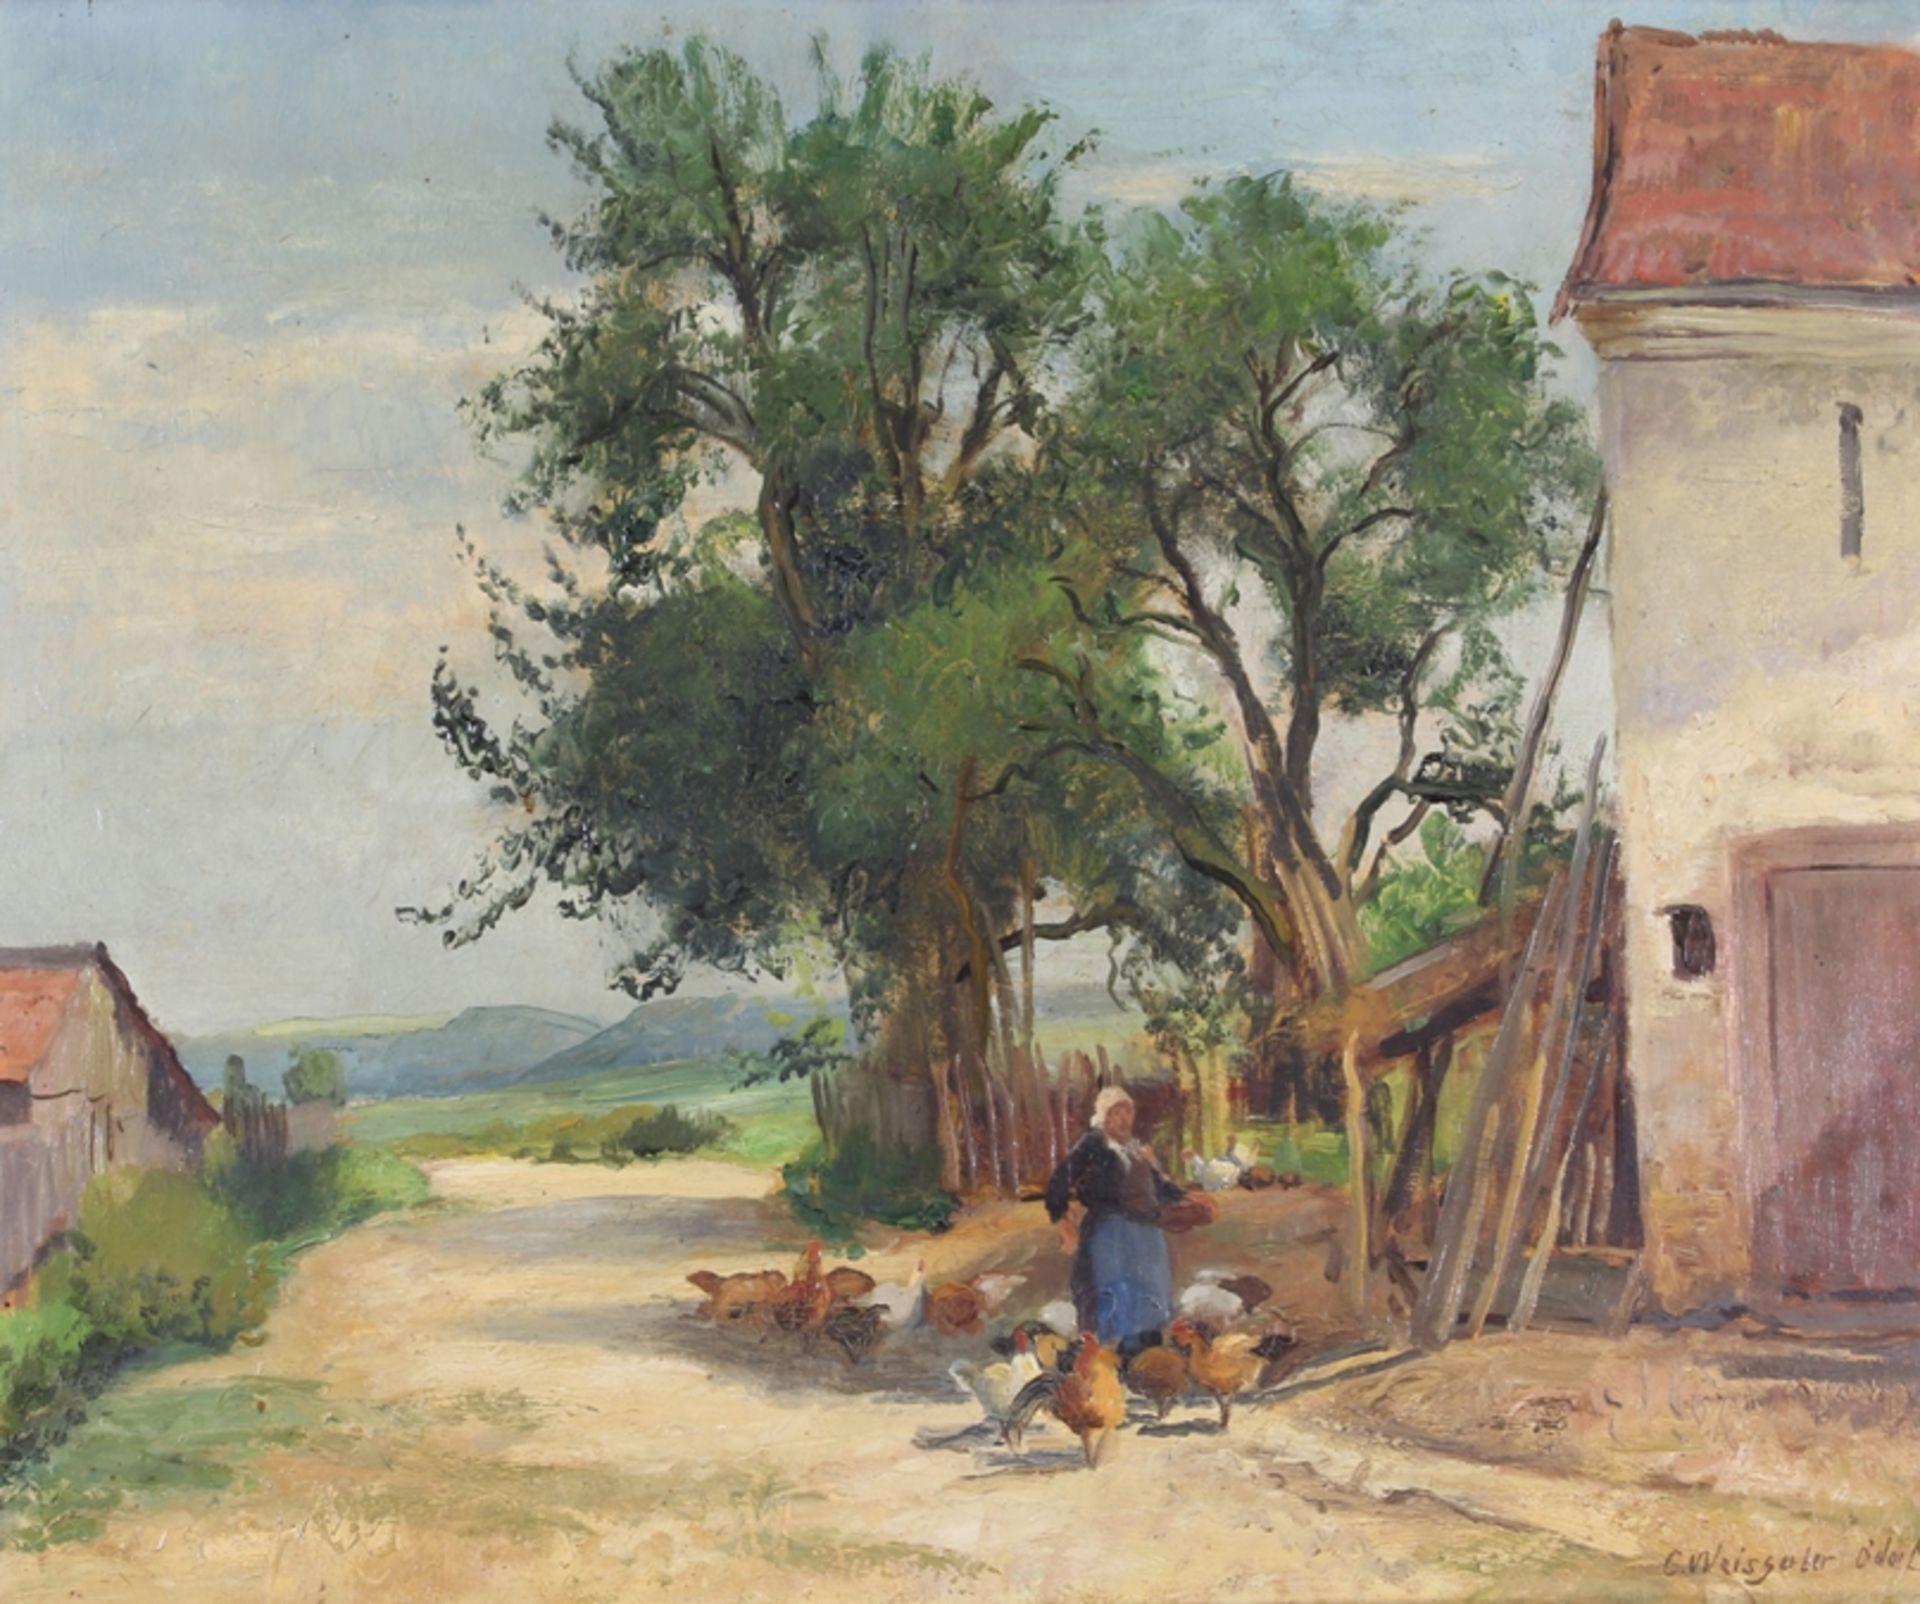 Weisgerber, Carl (Ahrweiler 1891 - 1968 Düsseldorf, deutscher Tier- und Landschaftsmaler, Schüler v